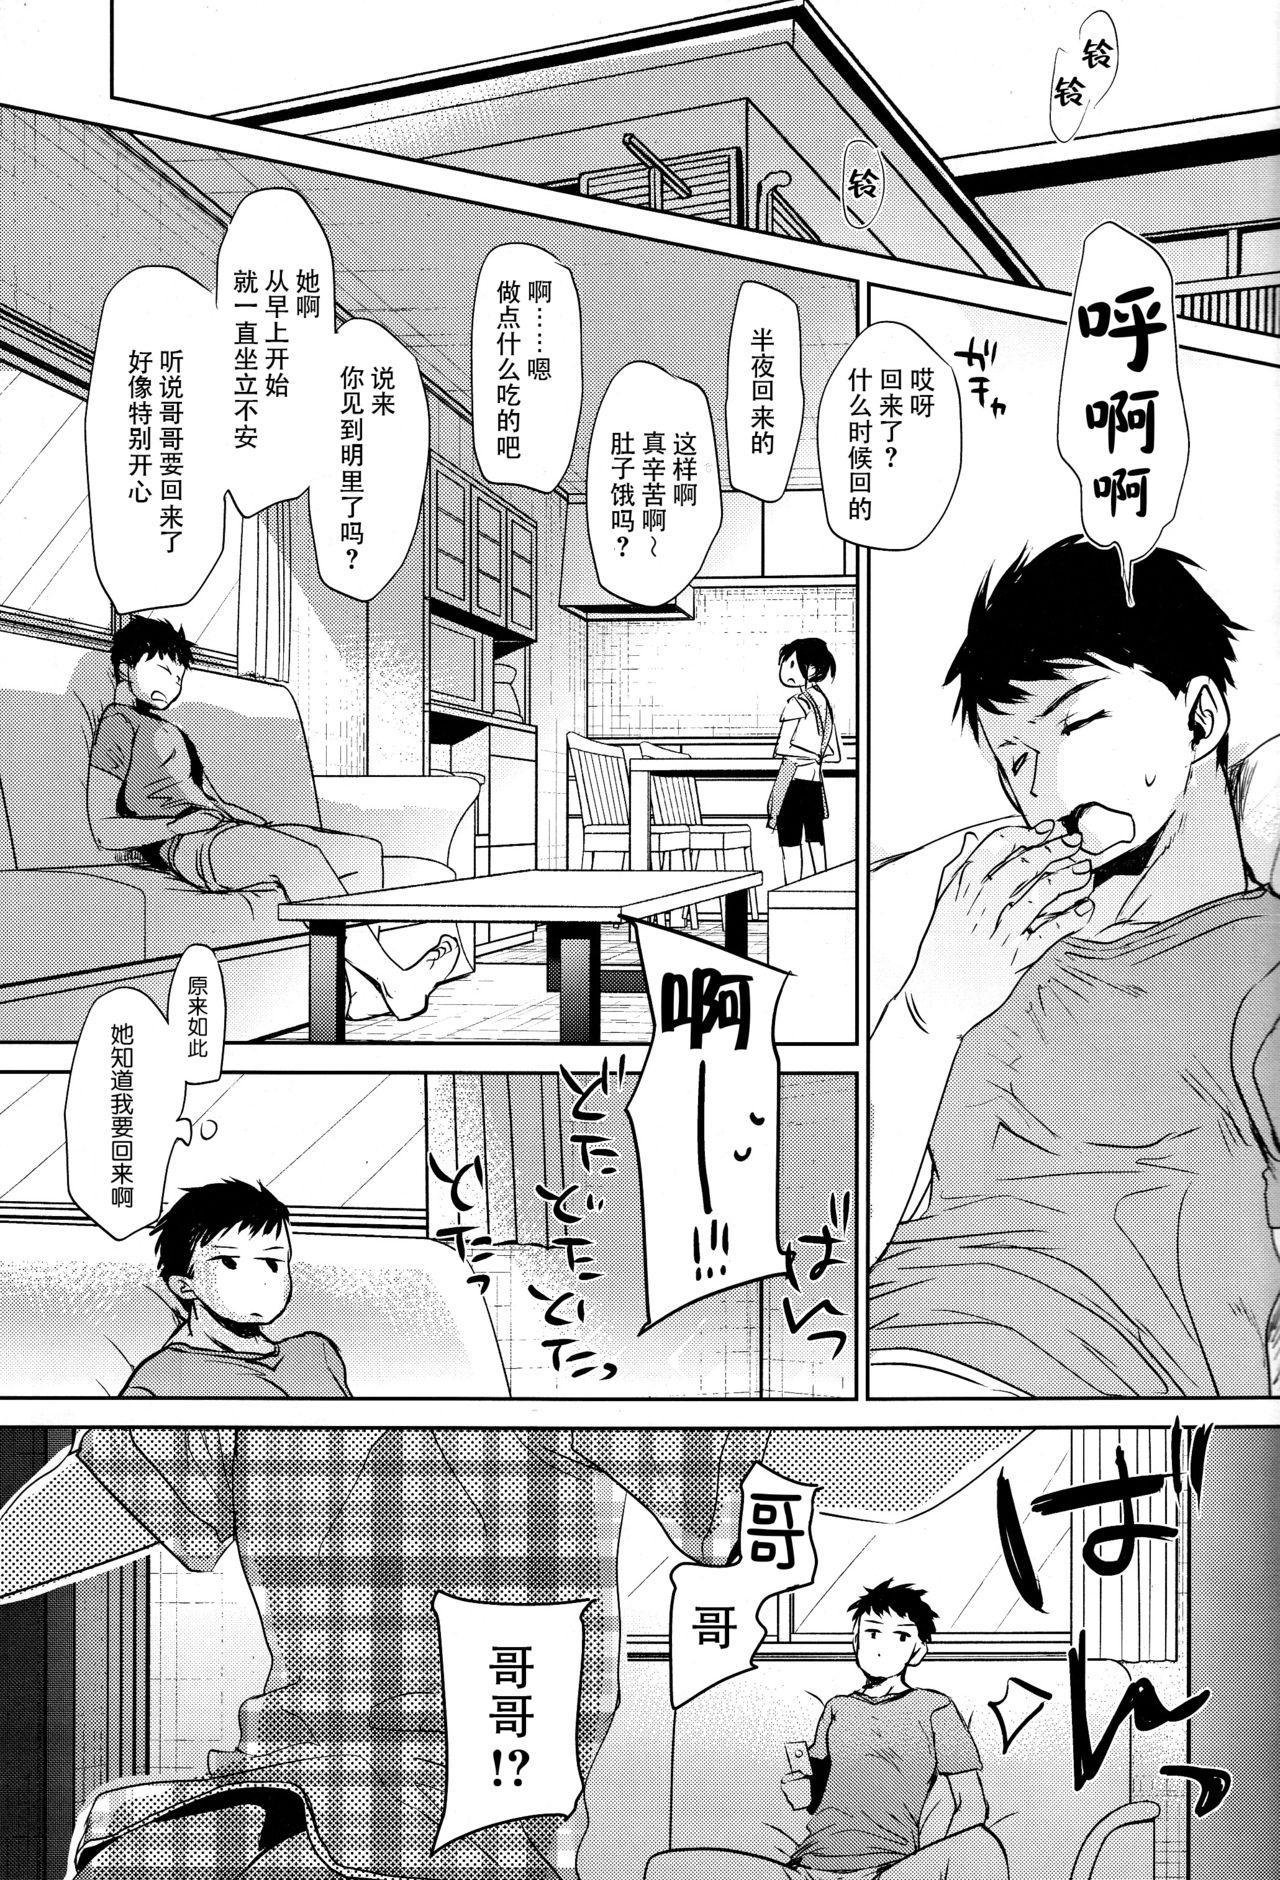 Watashi ga Neteiru Aida ni 26